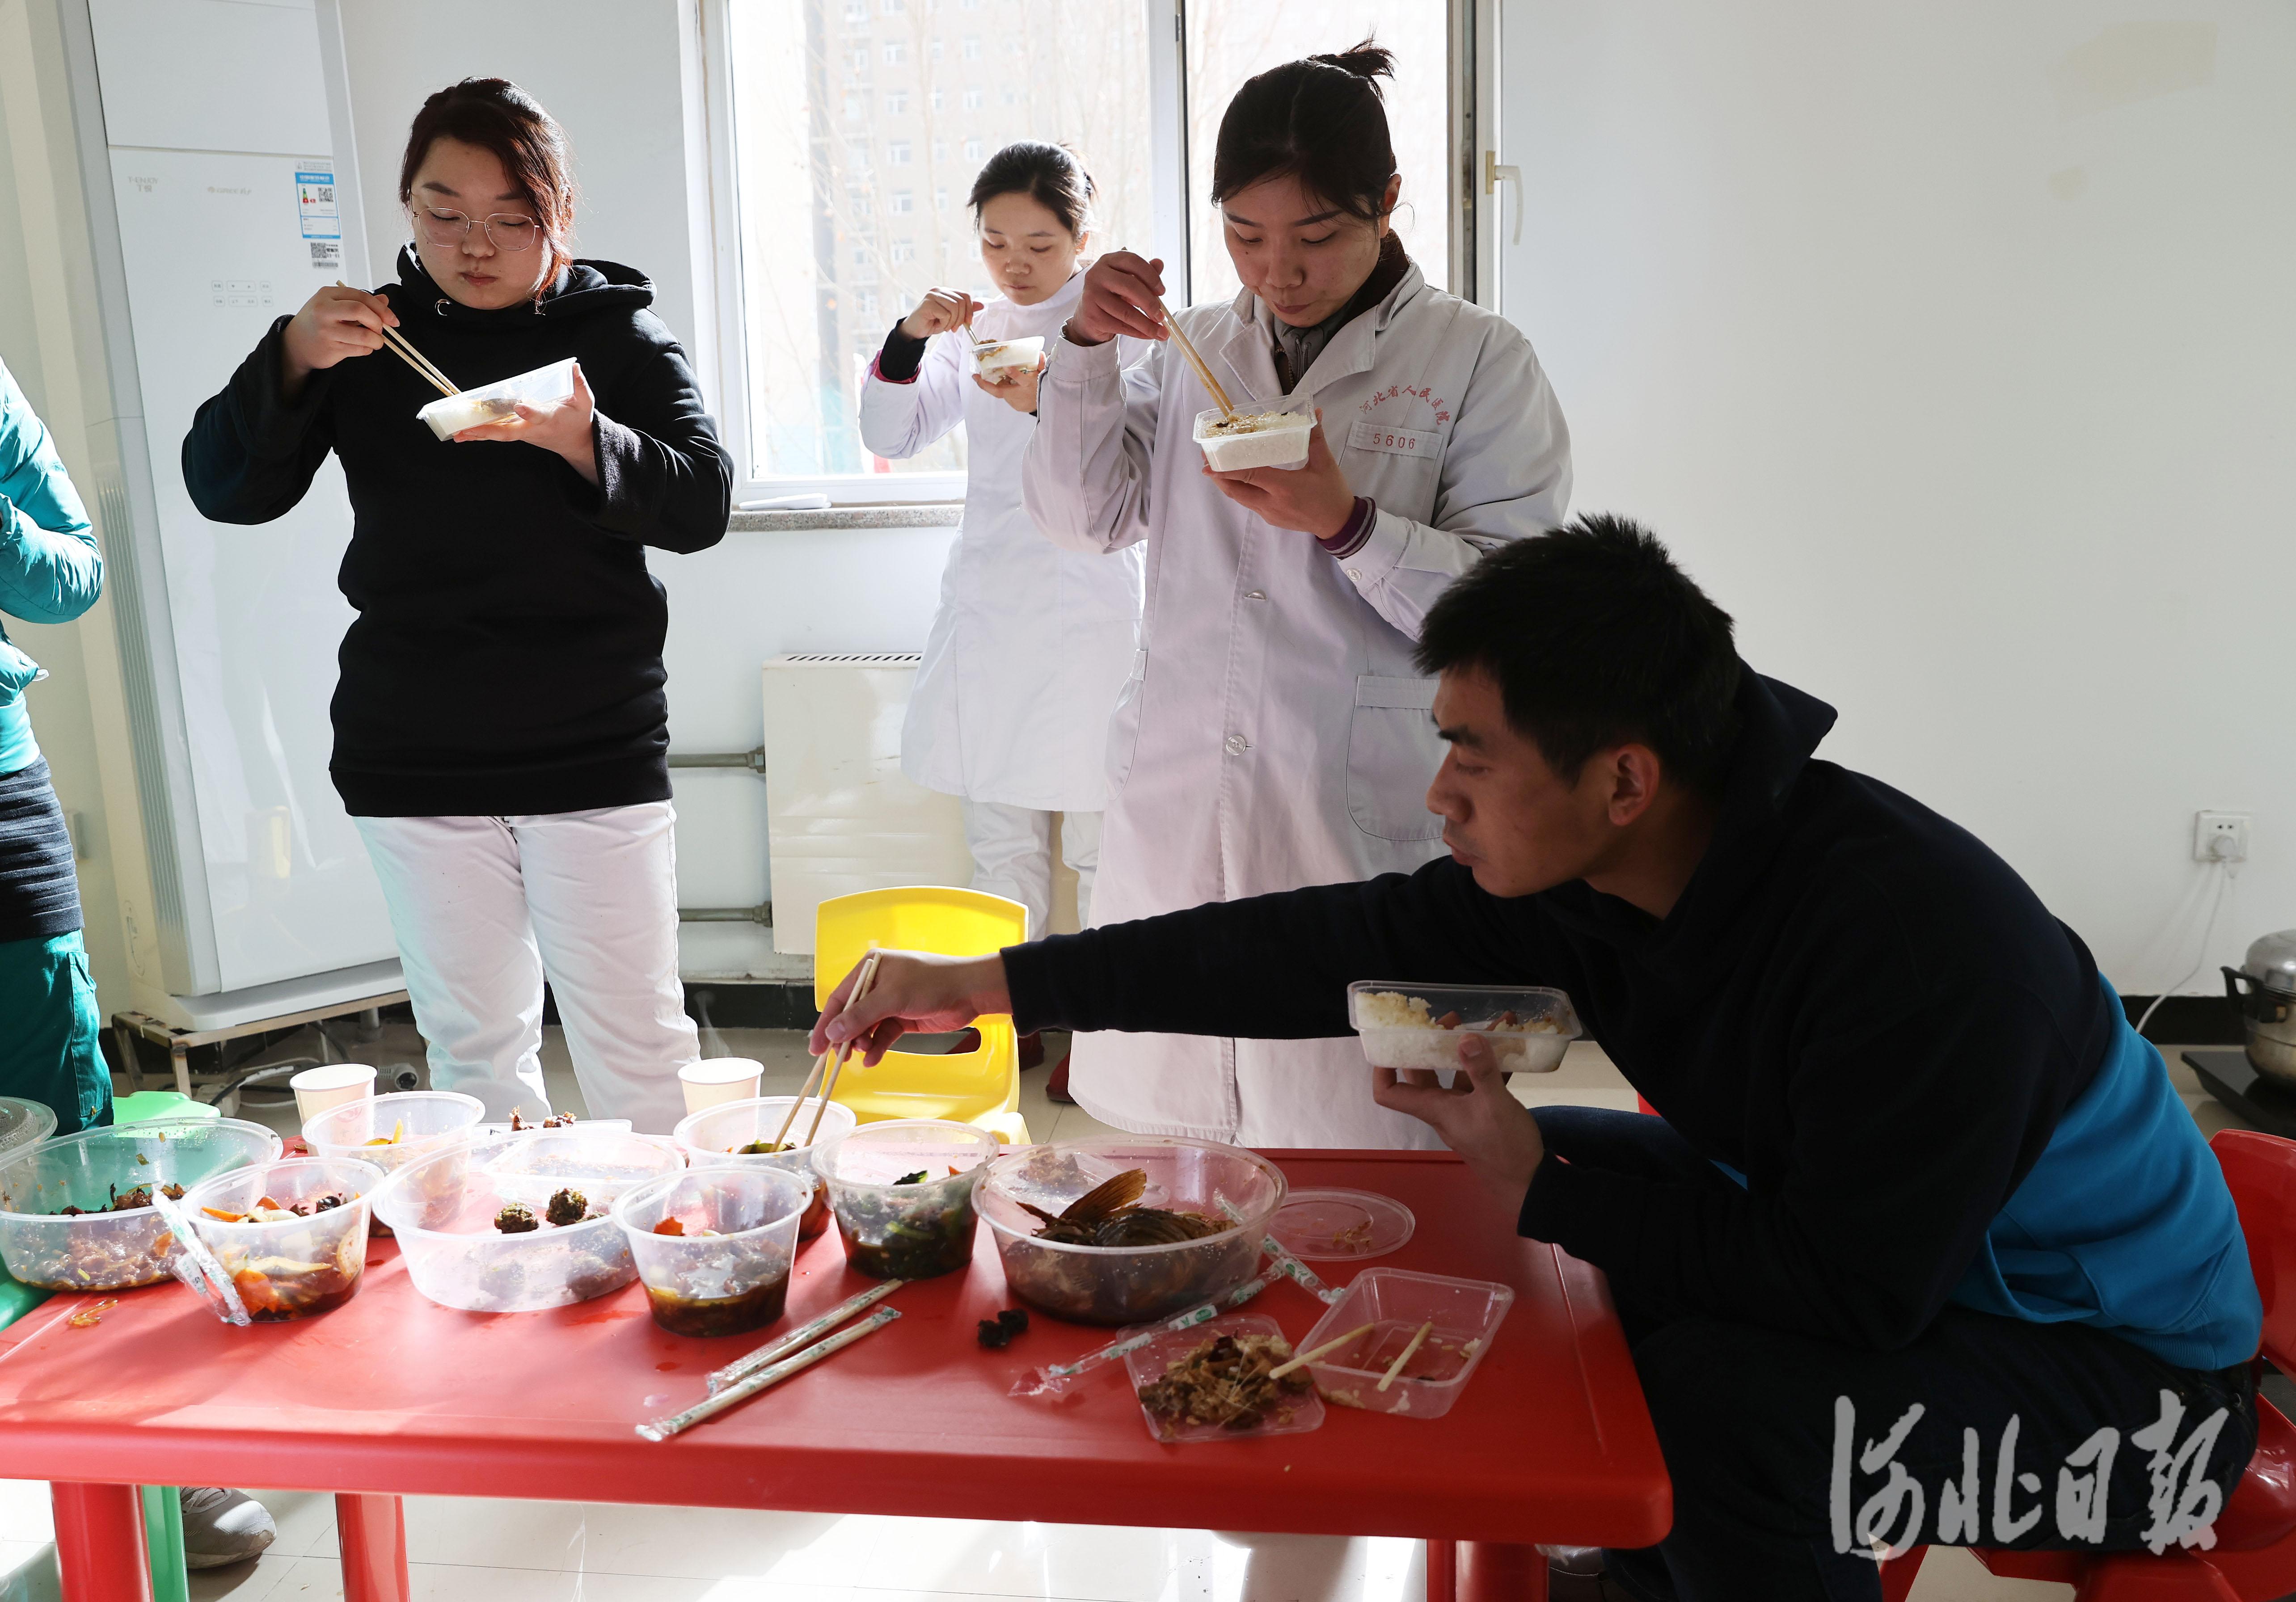 2021年1月12日13时许,来自广东深圳核酸检测服务队的采样人员邹奇(右一)与省人民医院的医务采样人员一起吃午饭。